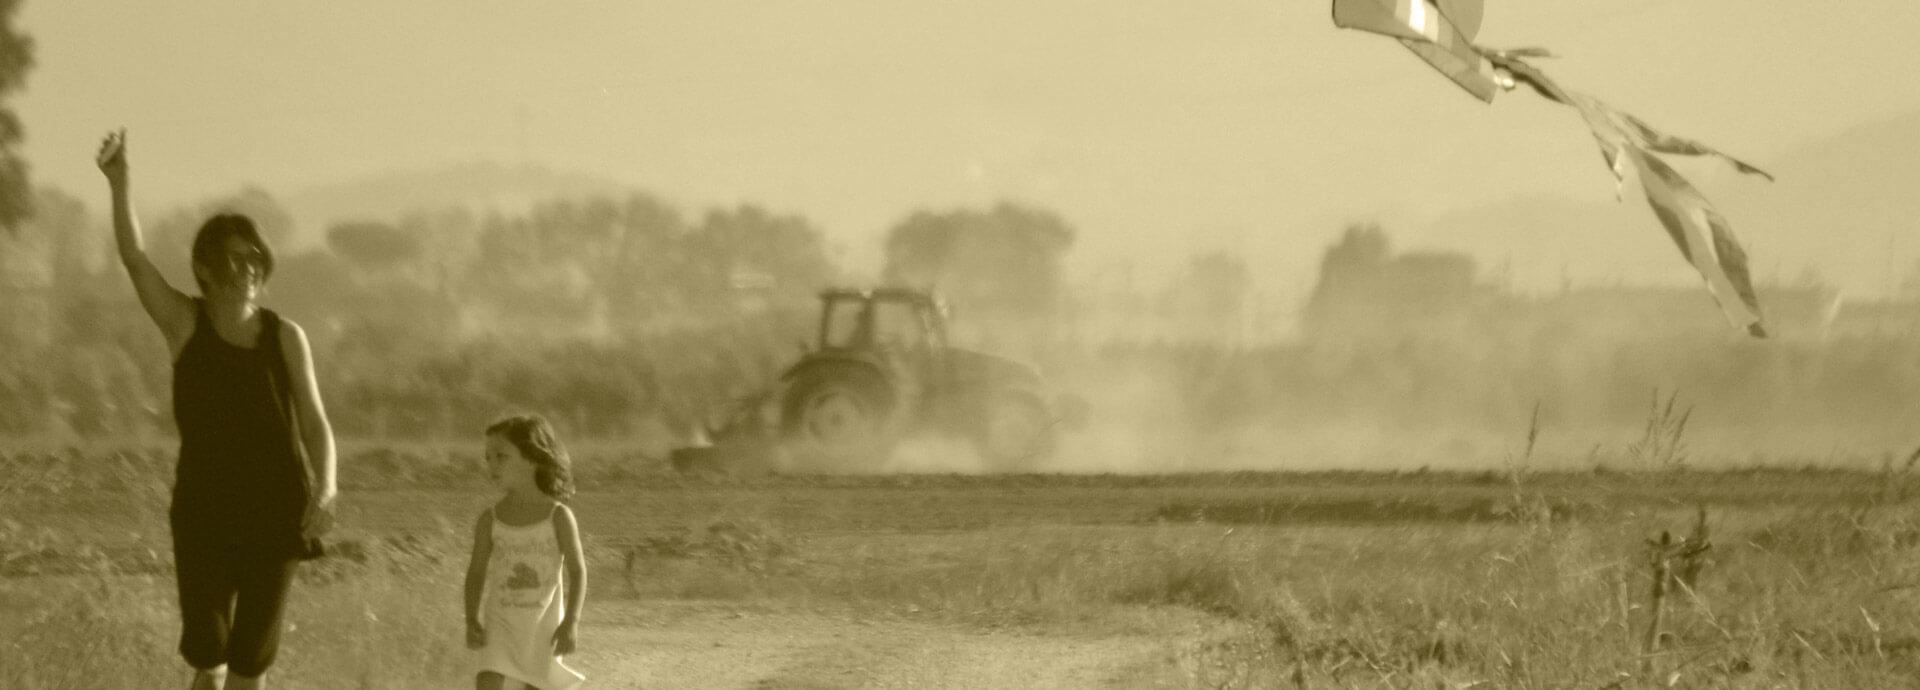 Agriturismo Diciocco in Toscana tra la campagna e il mare